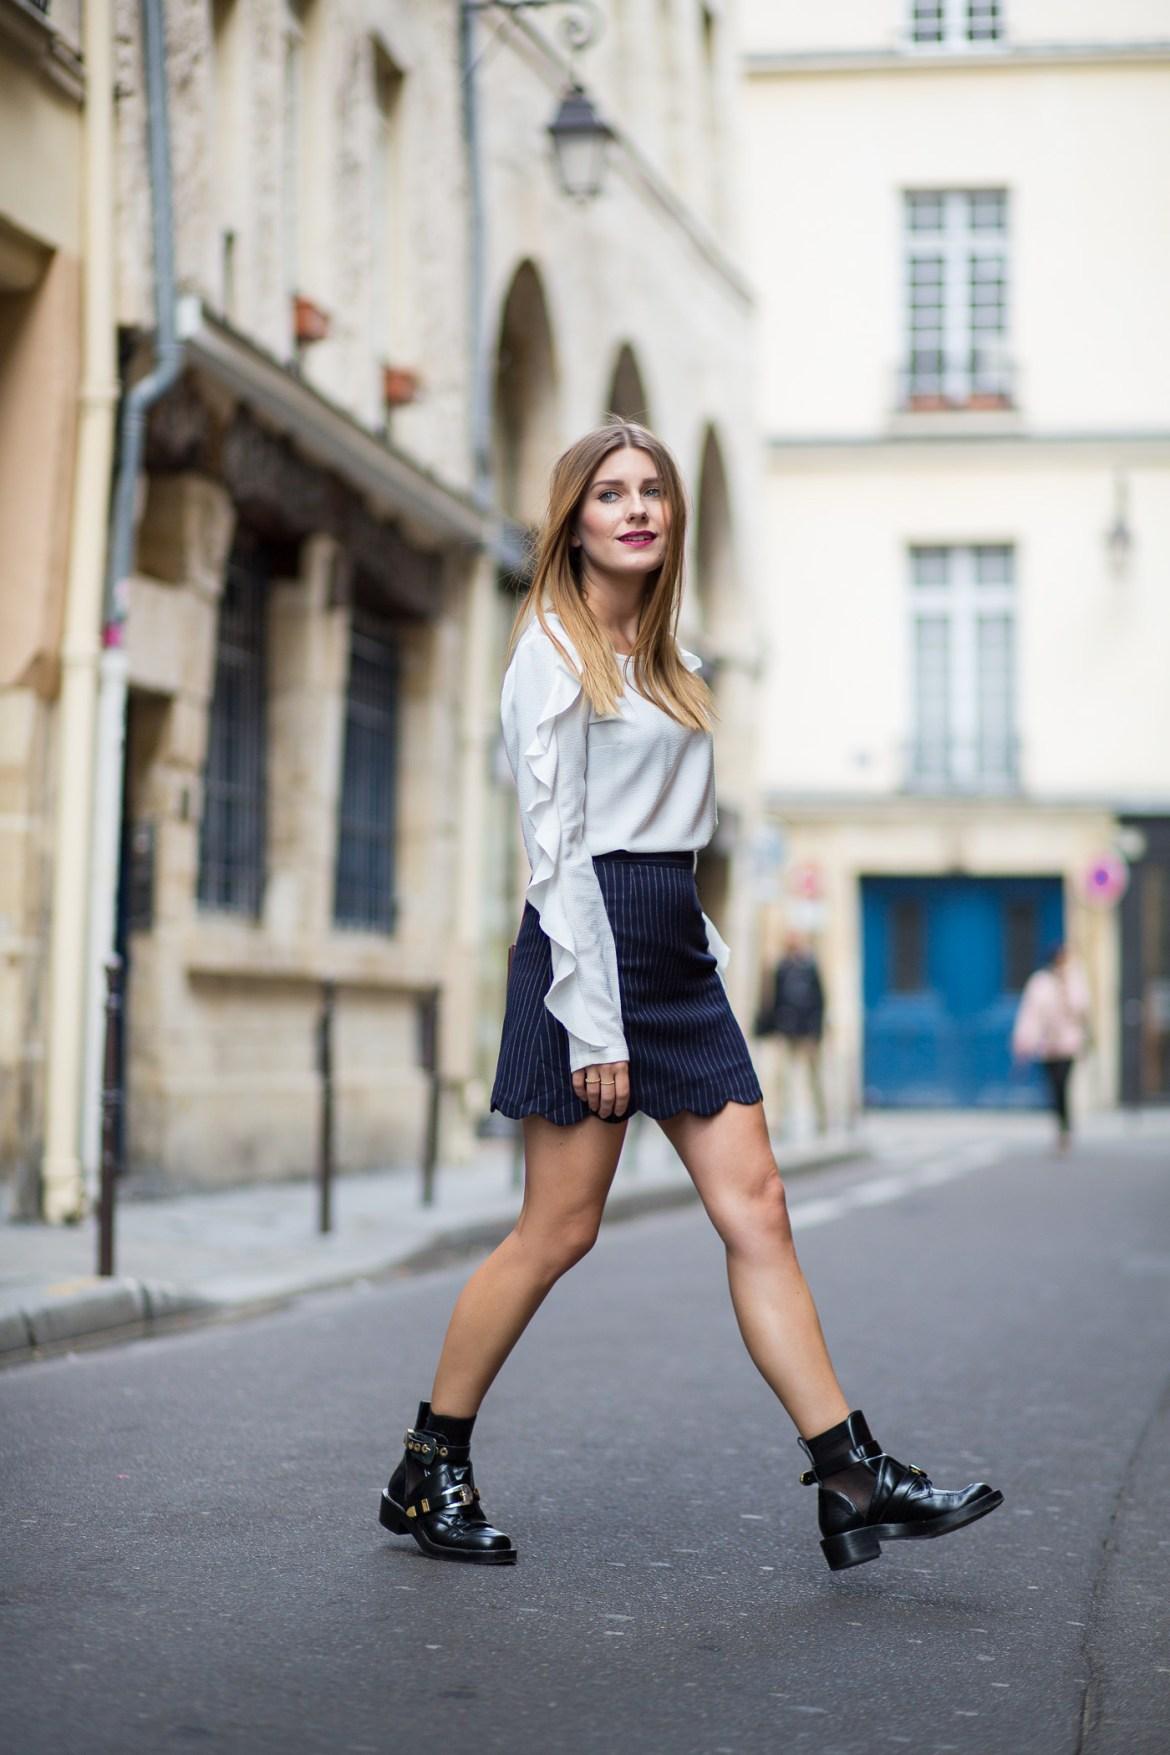 paris_le_marais_outfit_skirt_ruffles_blouse_1